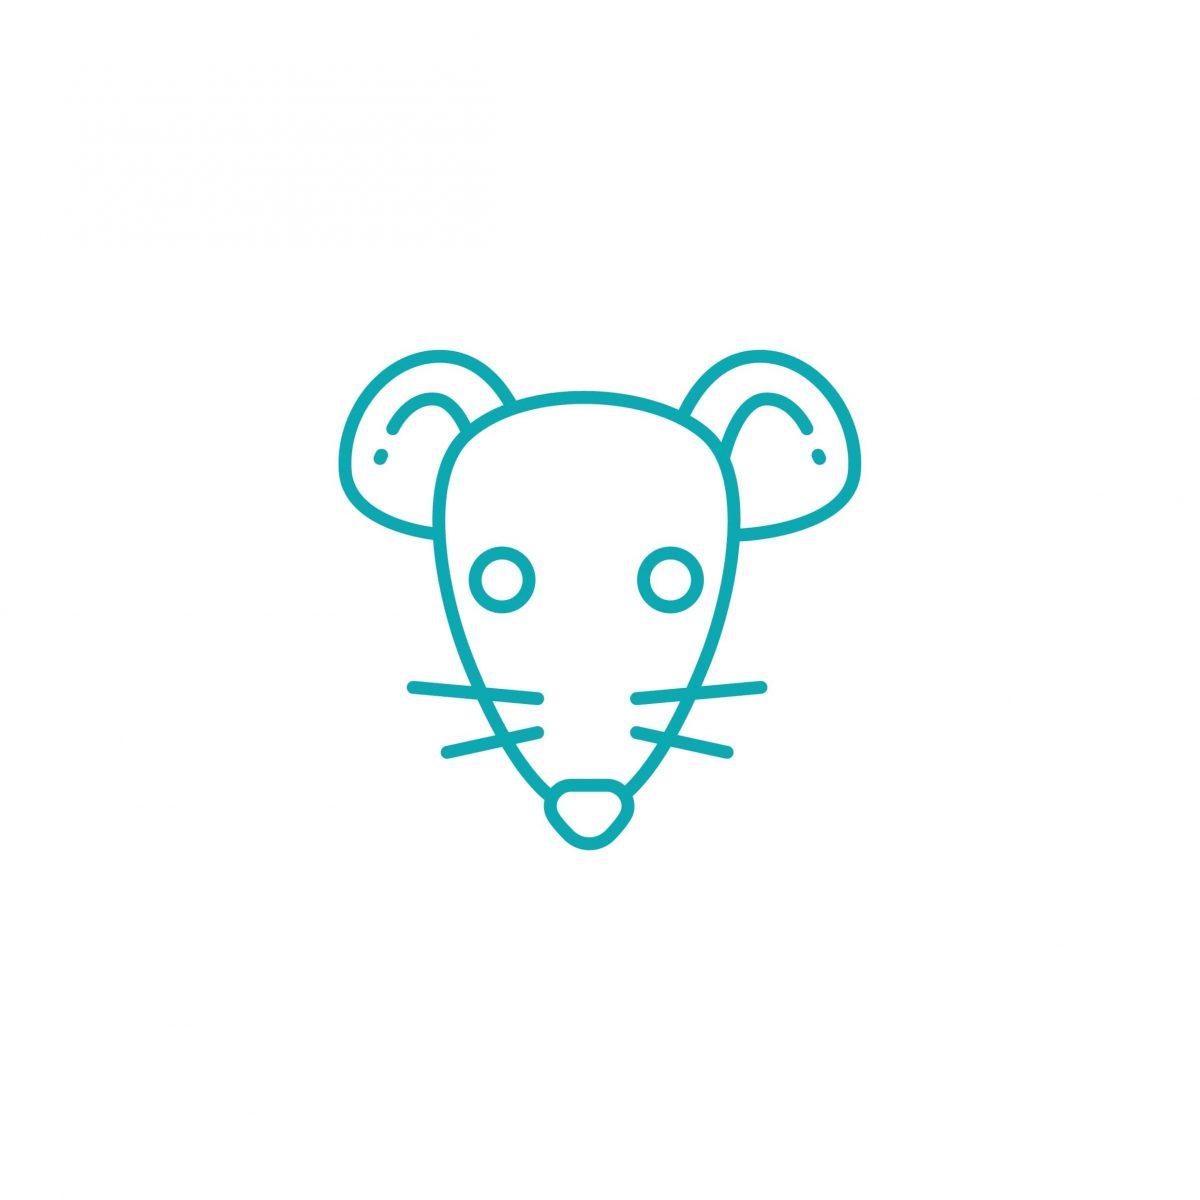 לוכד עכברושים – מדוע חשוב להזמין איש מקצוע בזמן